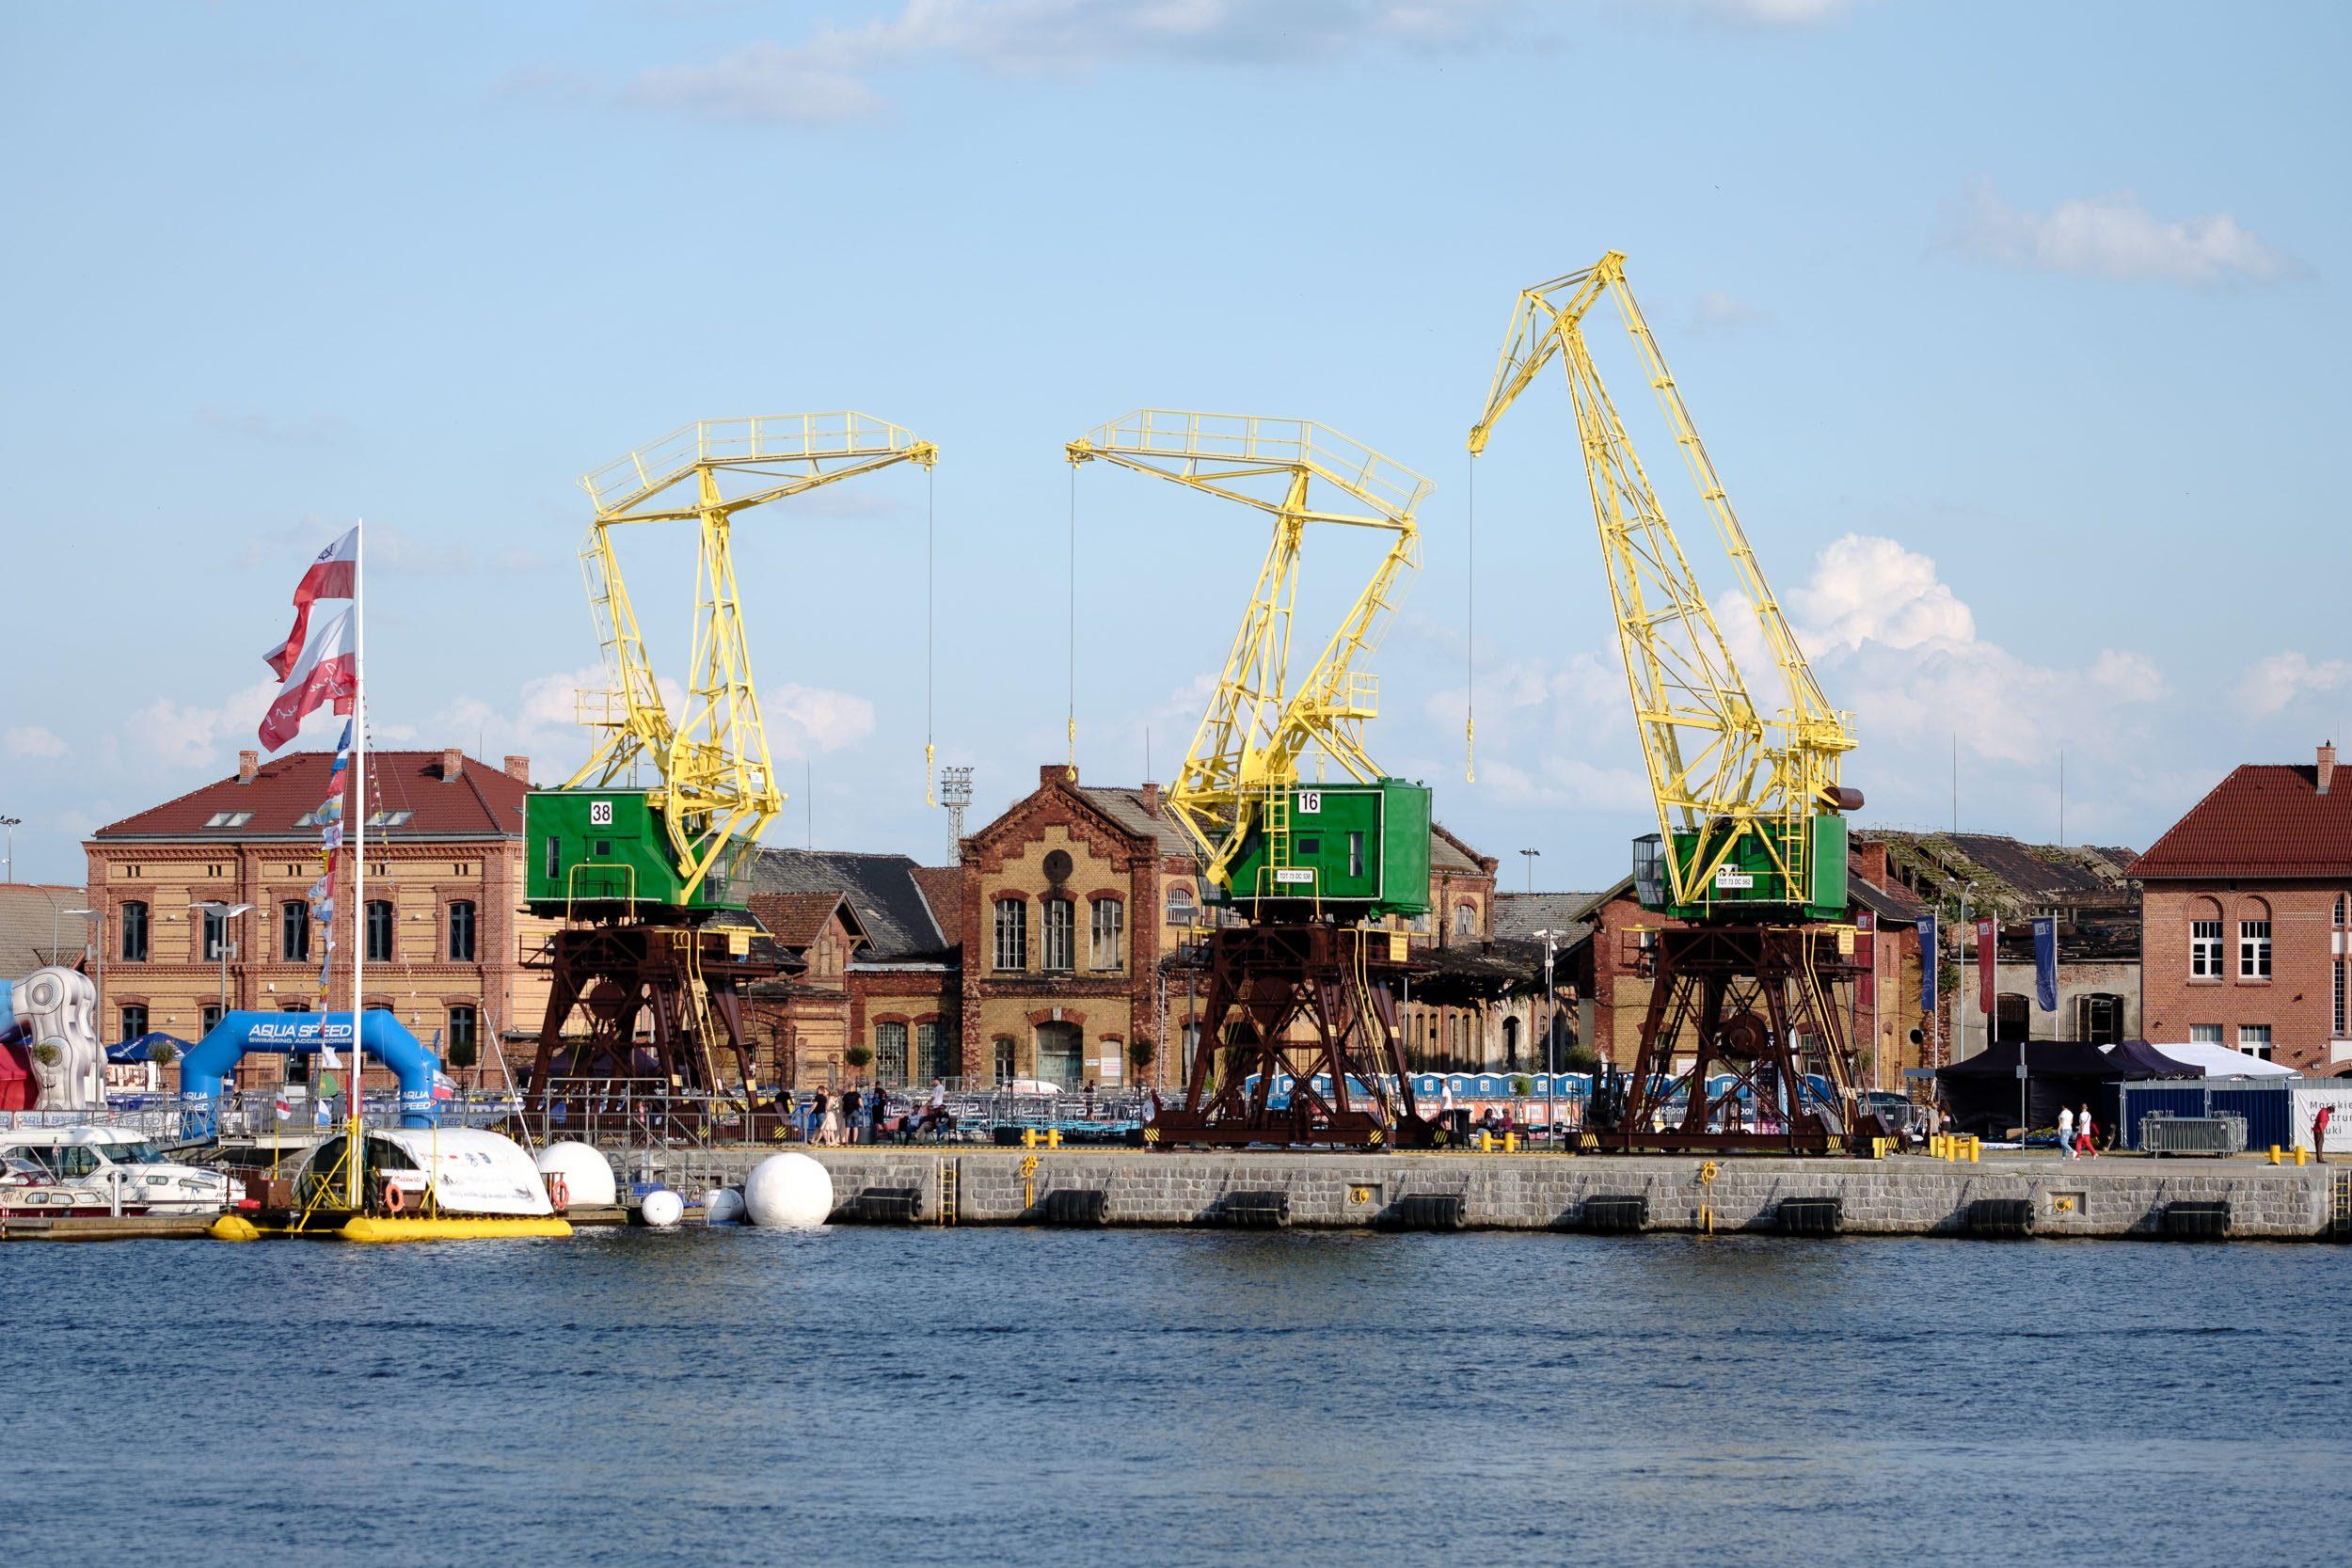 Kräne Stettiner Hafen